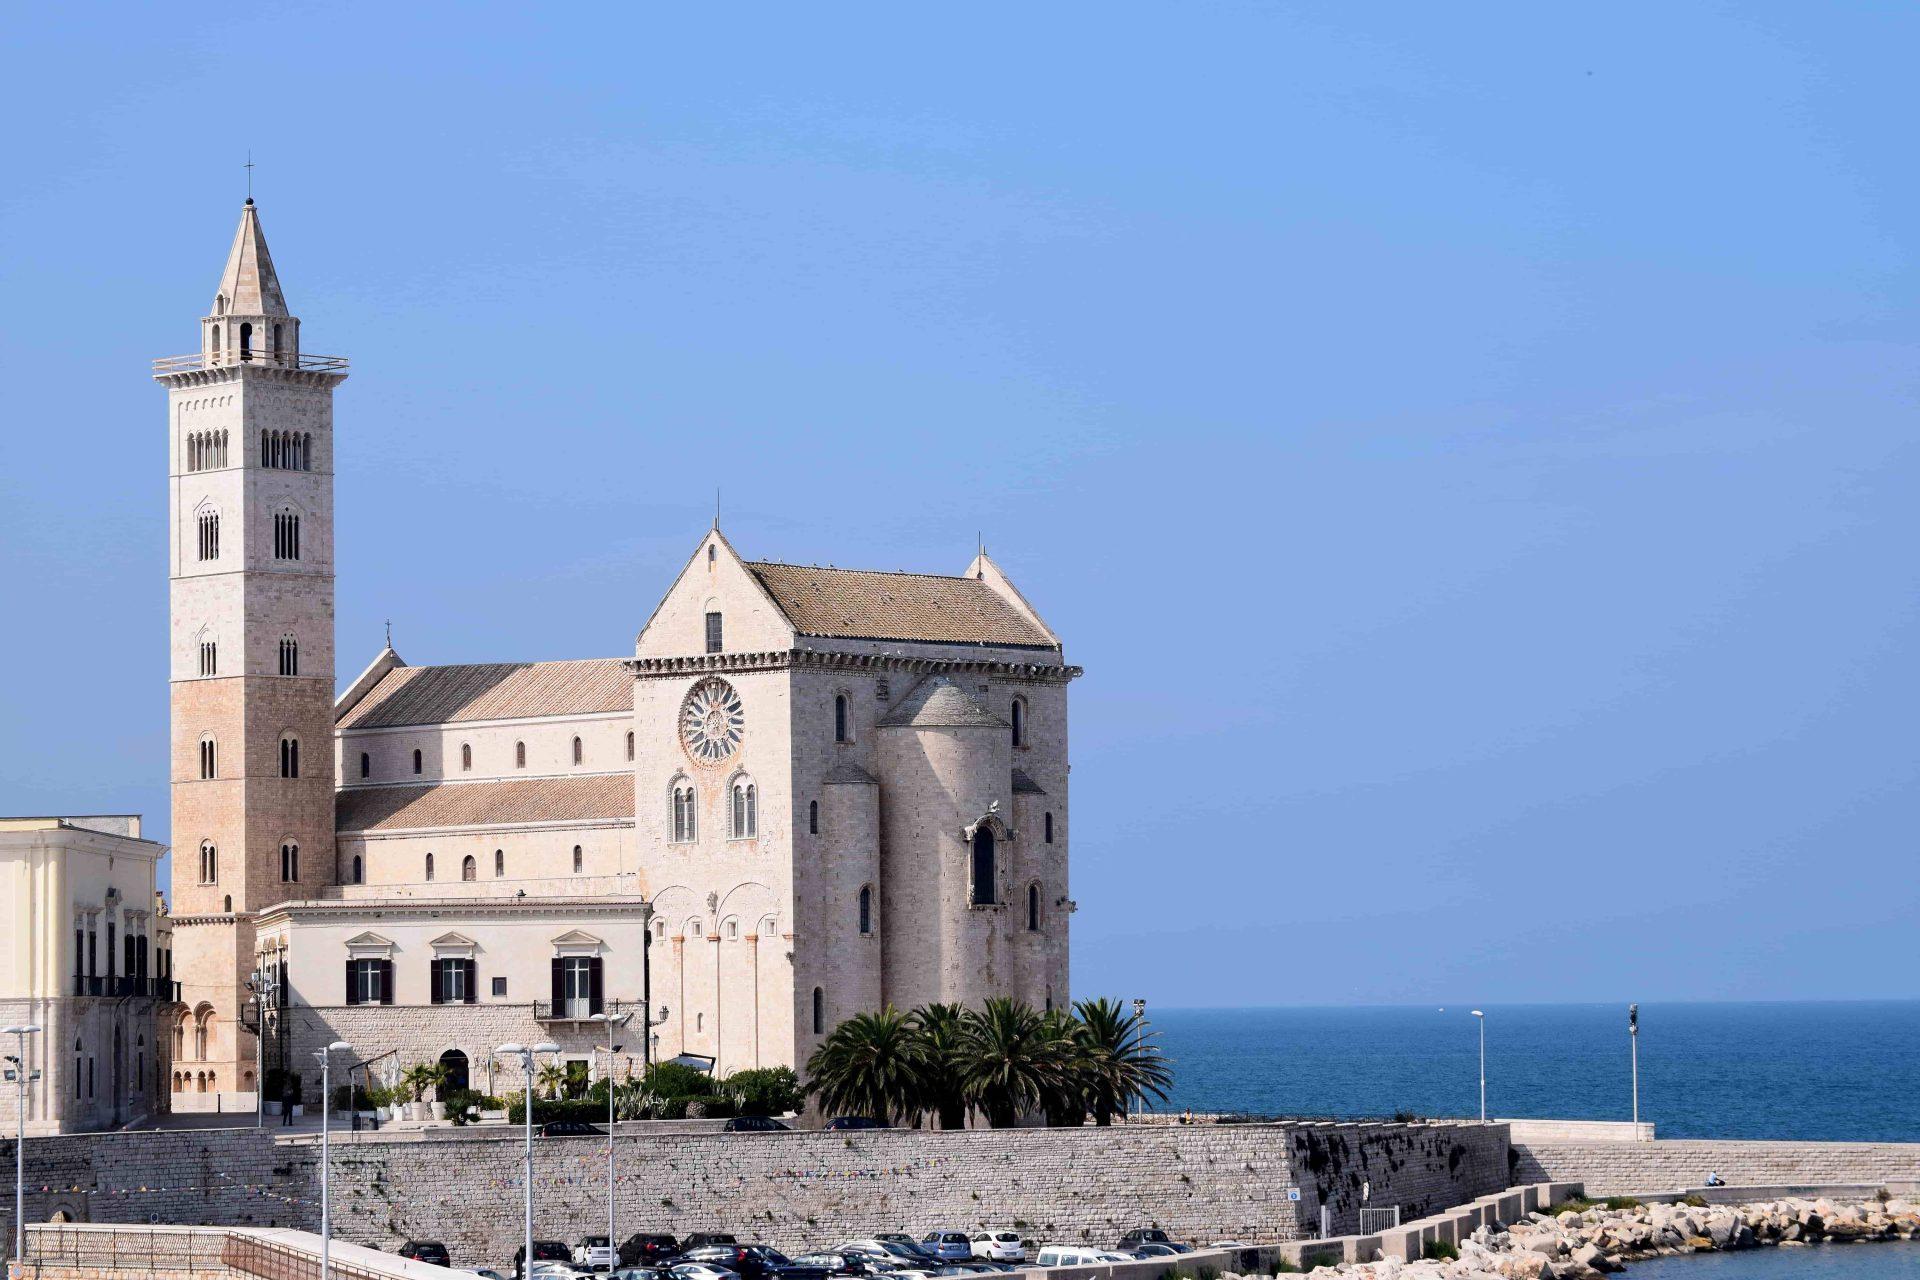 apulia slow travel trani romanico romanico pugliese san nicola il pellegrino BAT puglia apulia apulien romanik romanesque cattedrale cathedral